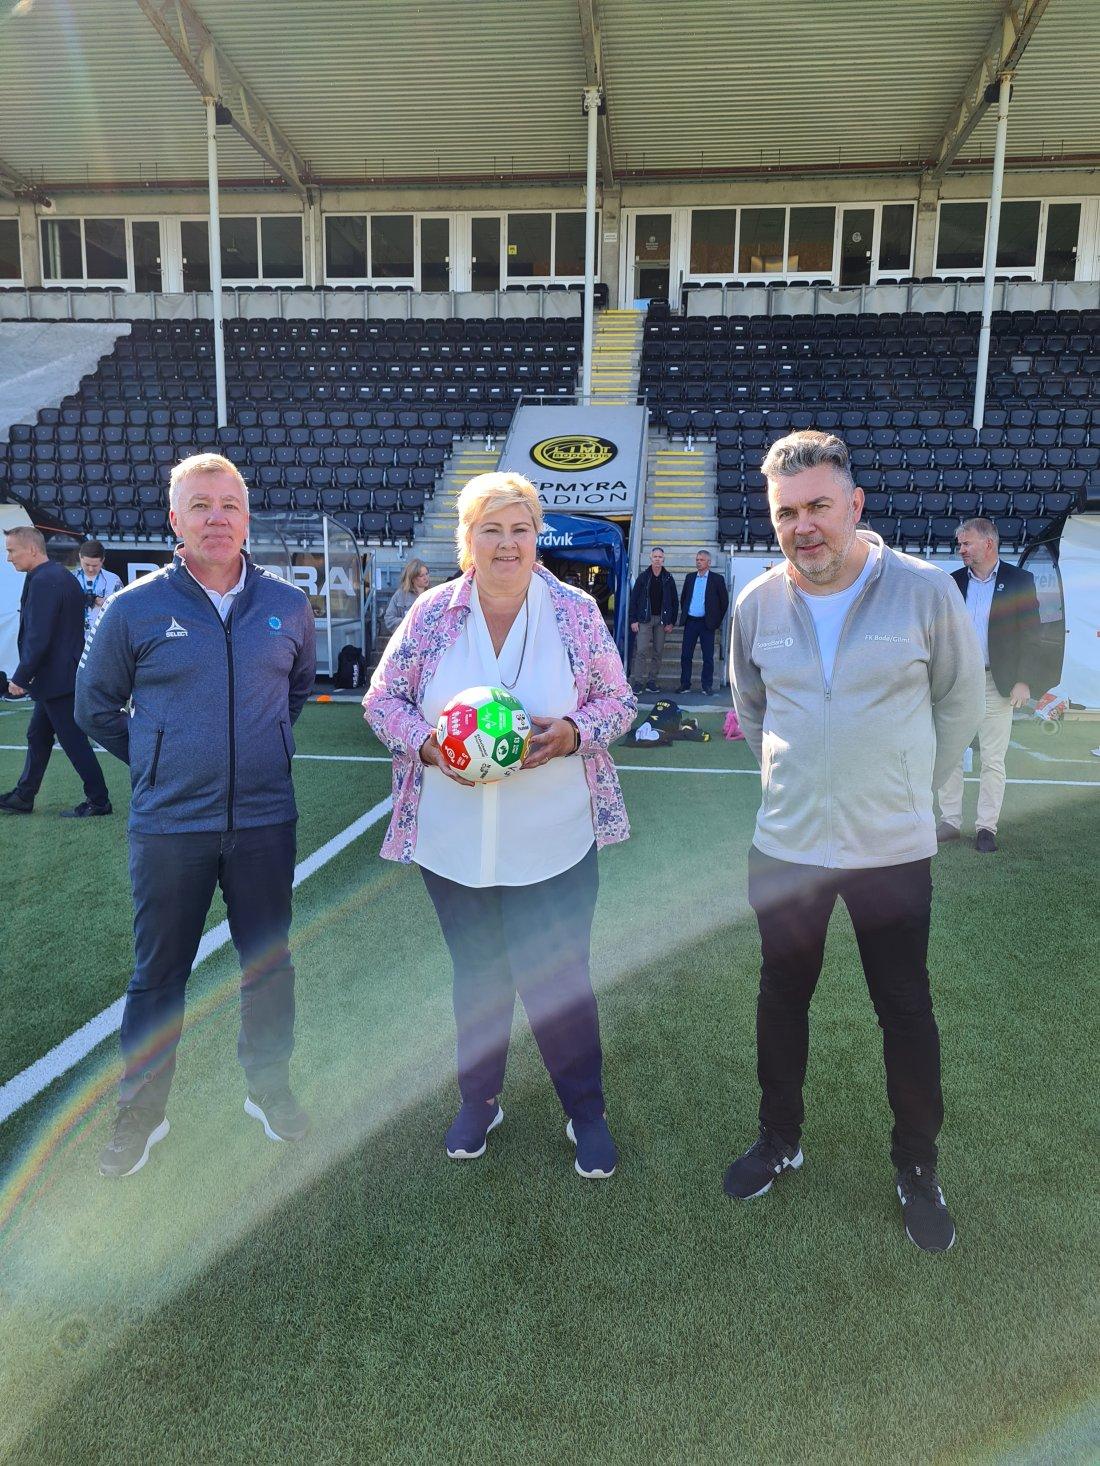 Statsminister Erna Solberg tok avspart på Glimtvis sin første offisielle trening som en del av FK Bodø/Glimt. Fra venstre: Arne Knoph i Fotballstiftelsen, Statsminister Erna Solberg, og Daglig Leder Frode Thomassen. Foto: Glimt.no